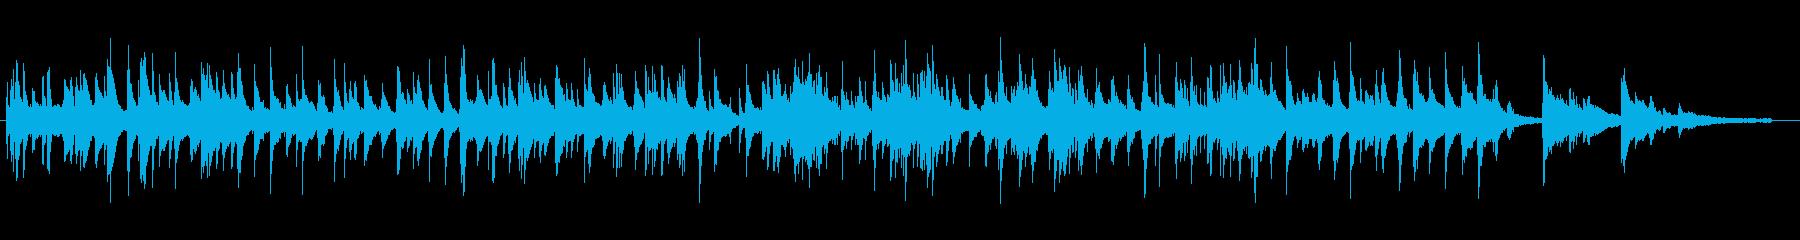 柔らかく滑らかなピアノジャズワルツの再生済みの波形